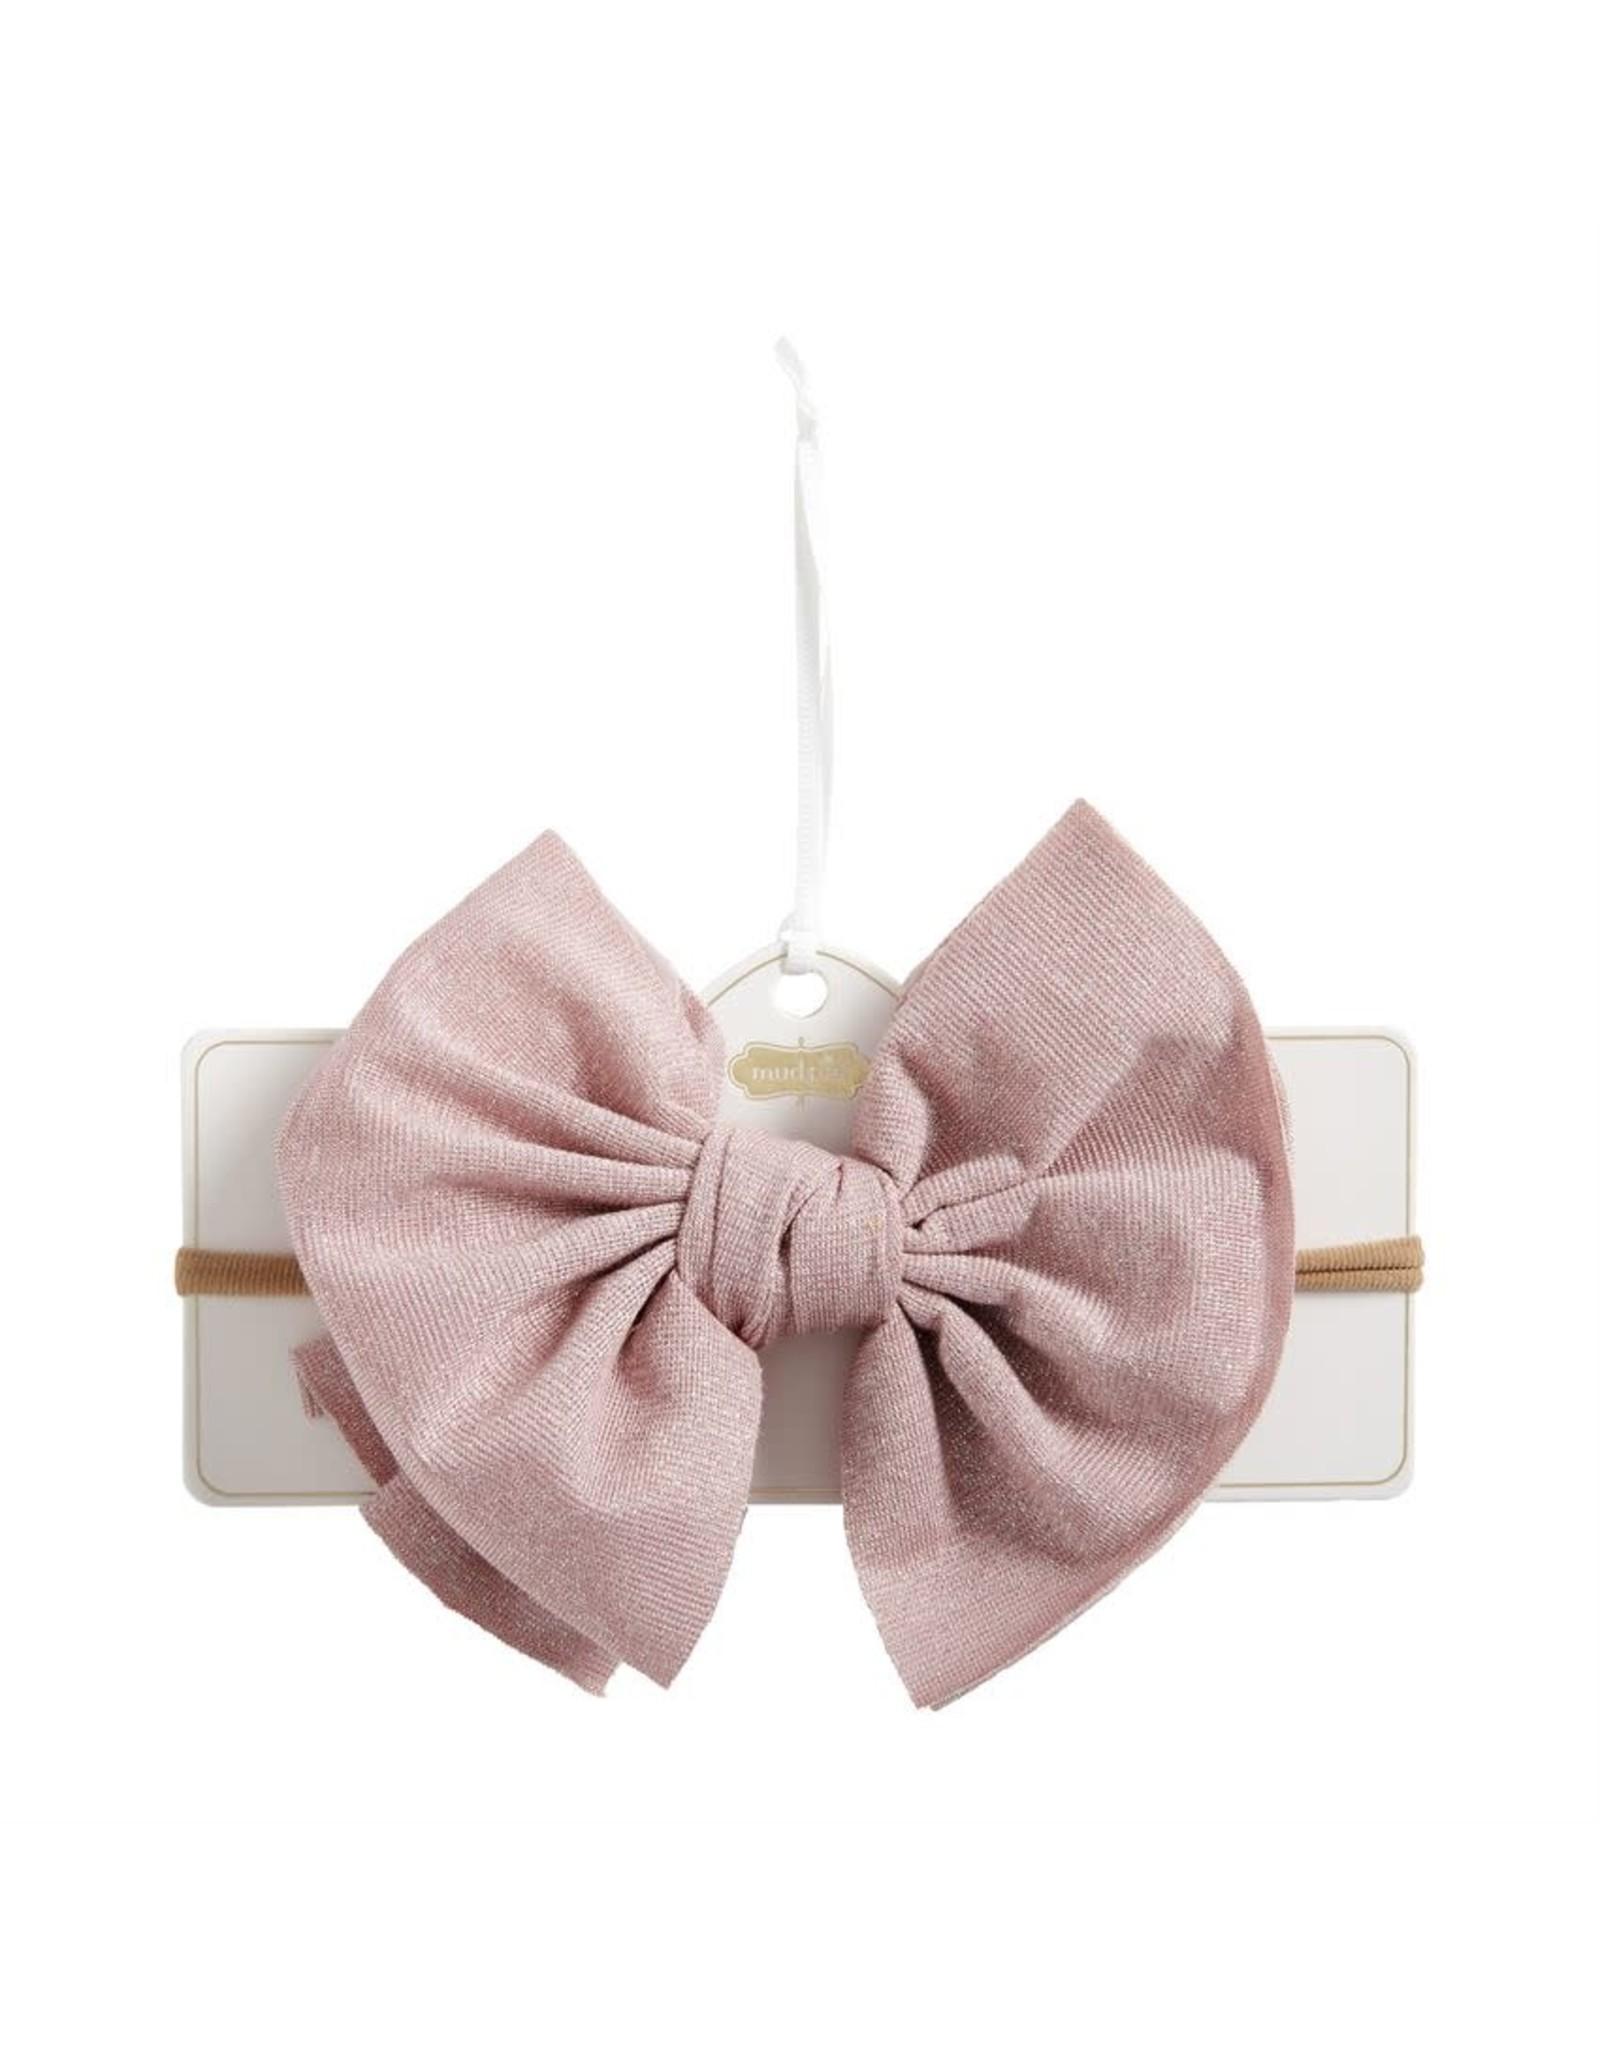 Mudpie Mud Pie- Shimmer Bow Headband: Pink